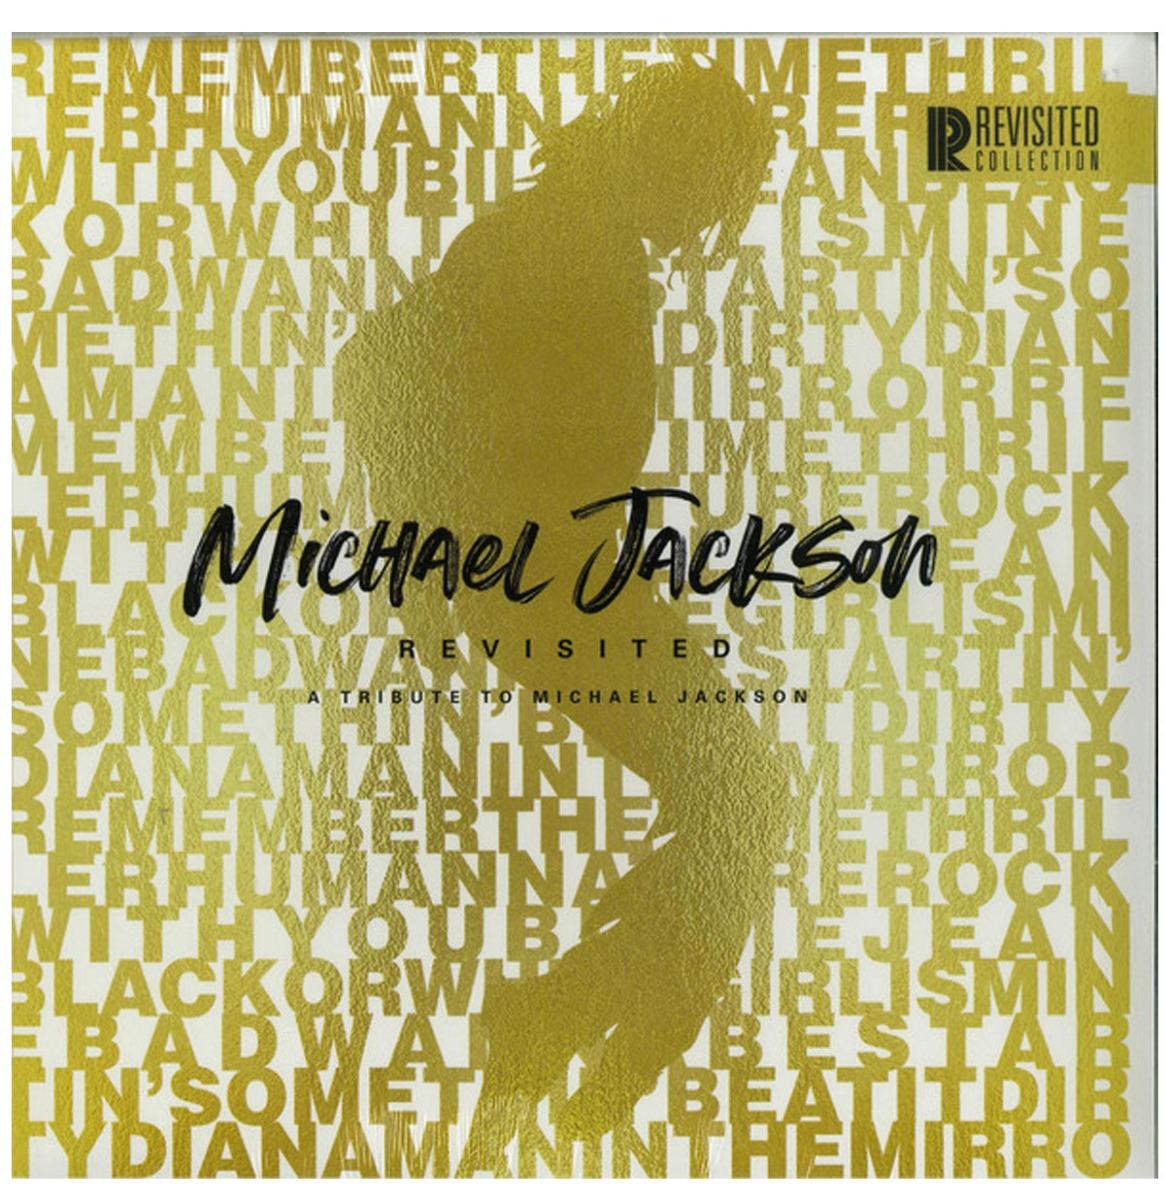 Michael jackson - Revisited LP